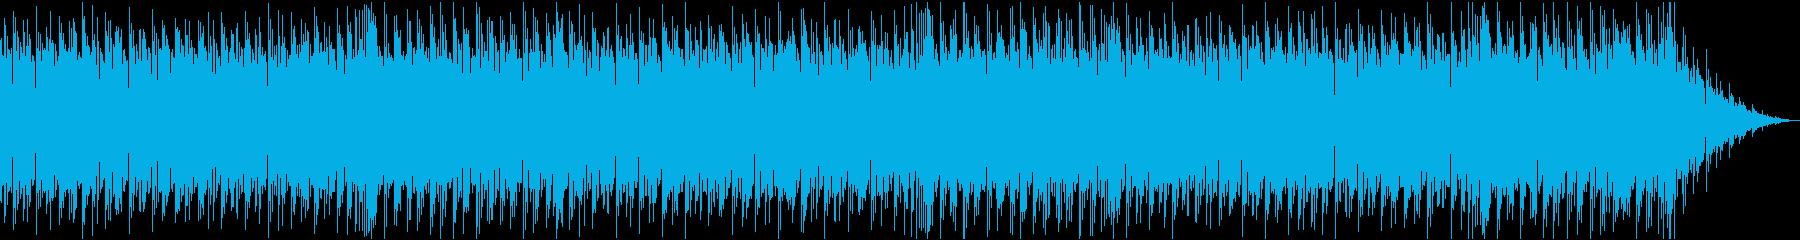 ロード画面によく合うクール系BGM-1の再生済みの波形